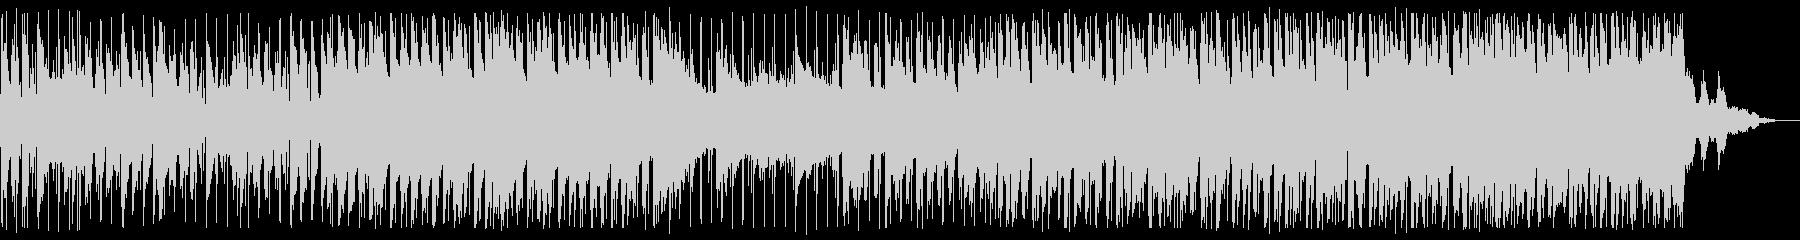 煌びやかなディスコ_No693_2の未再生の波形